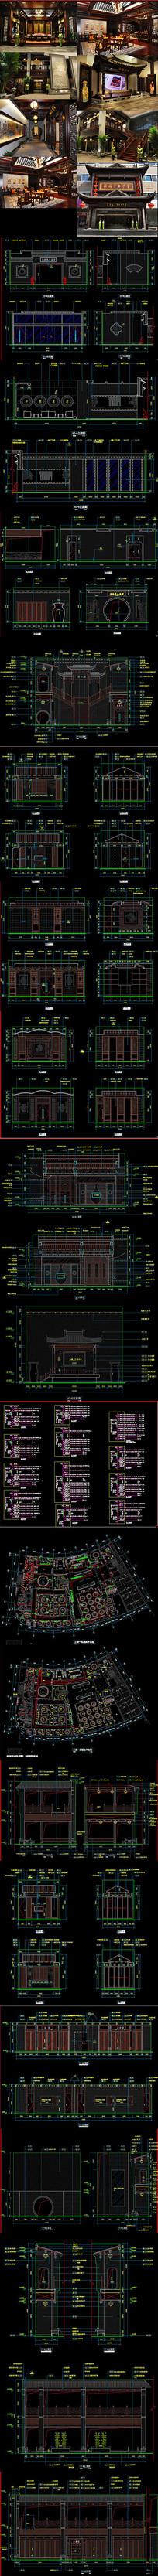 全套新中式餐厅CAD施工图